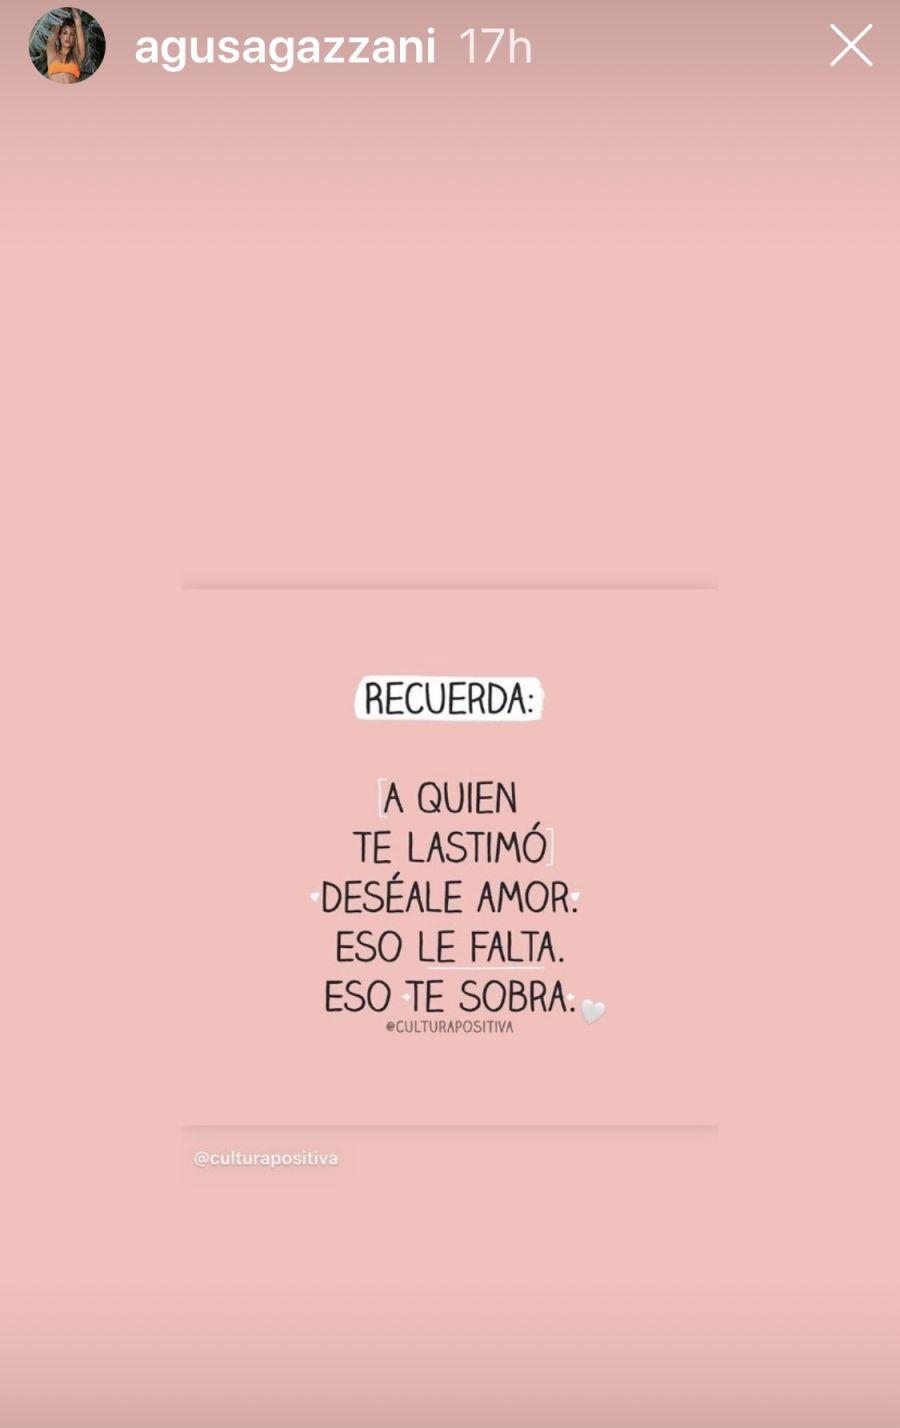 El mensaje de Agustina Agazzani que confirmar los rumores de ruptura con Martín Baclini